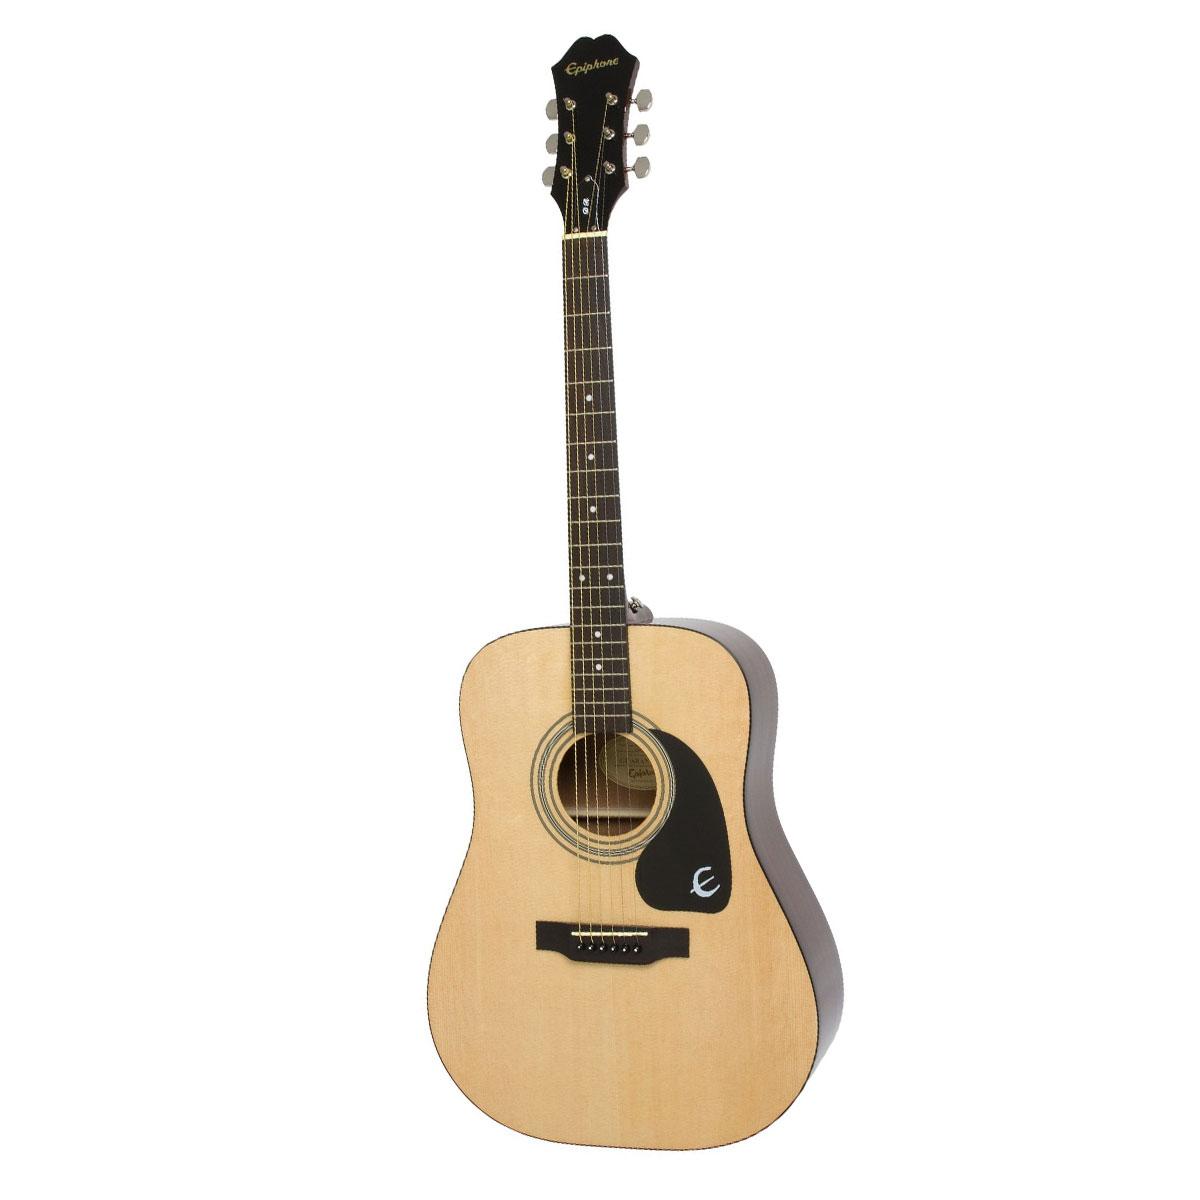 Epiphone - guitare acoustique DR-100 -6 cordes -marron